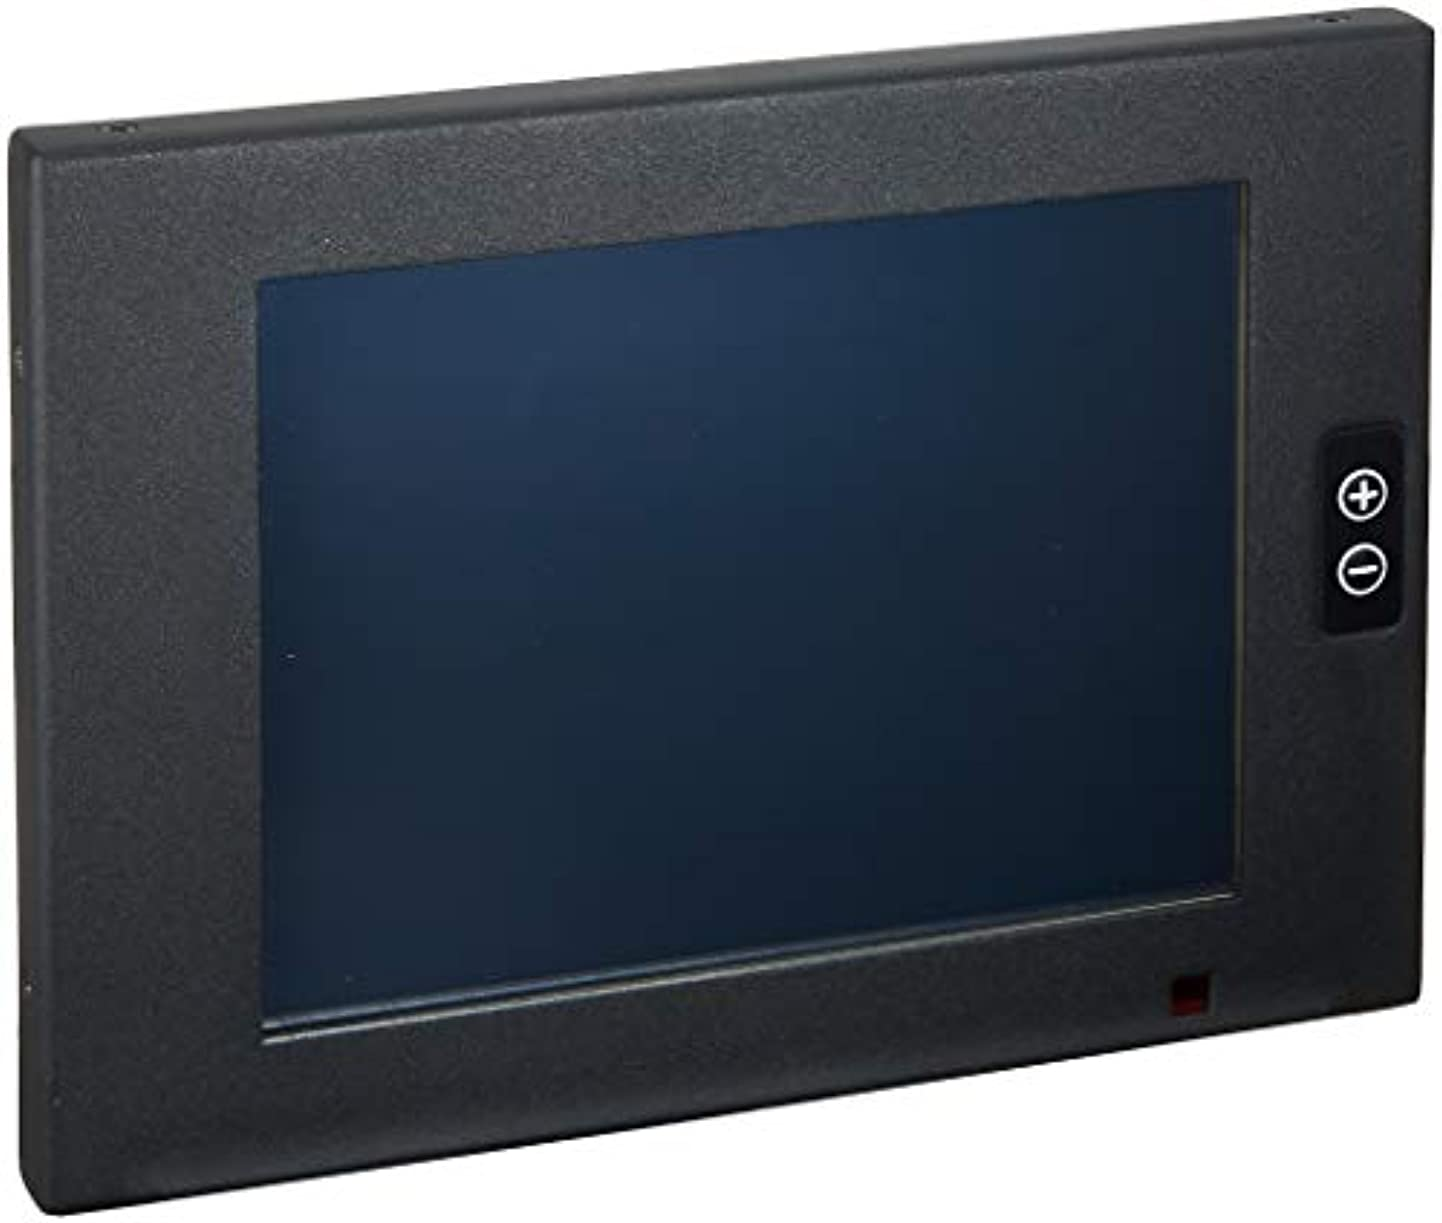 時系列高音代理店faytech フェイテック 8インチ IP65 タッチスクリーン液晶モニター HDMI オールインワンケーブルバージョン ブラック FT08TMIP65HDMI